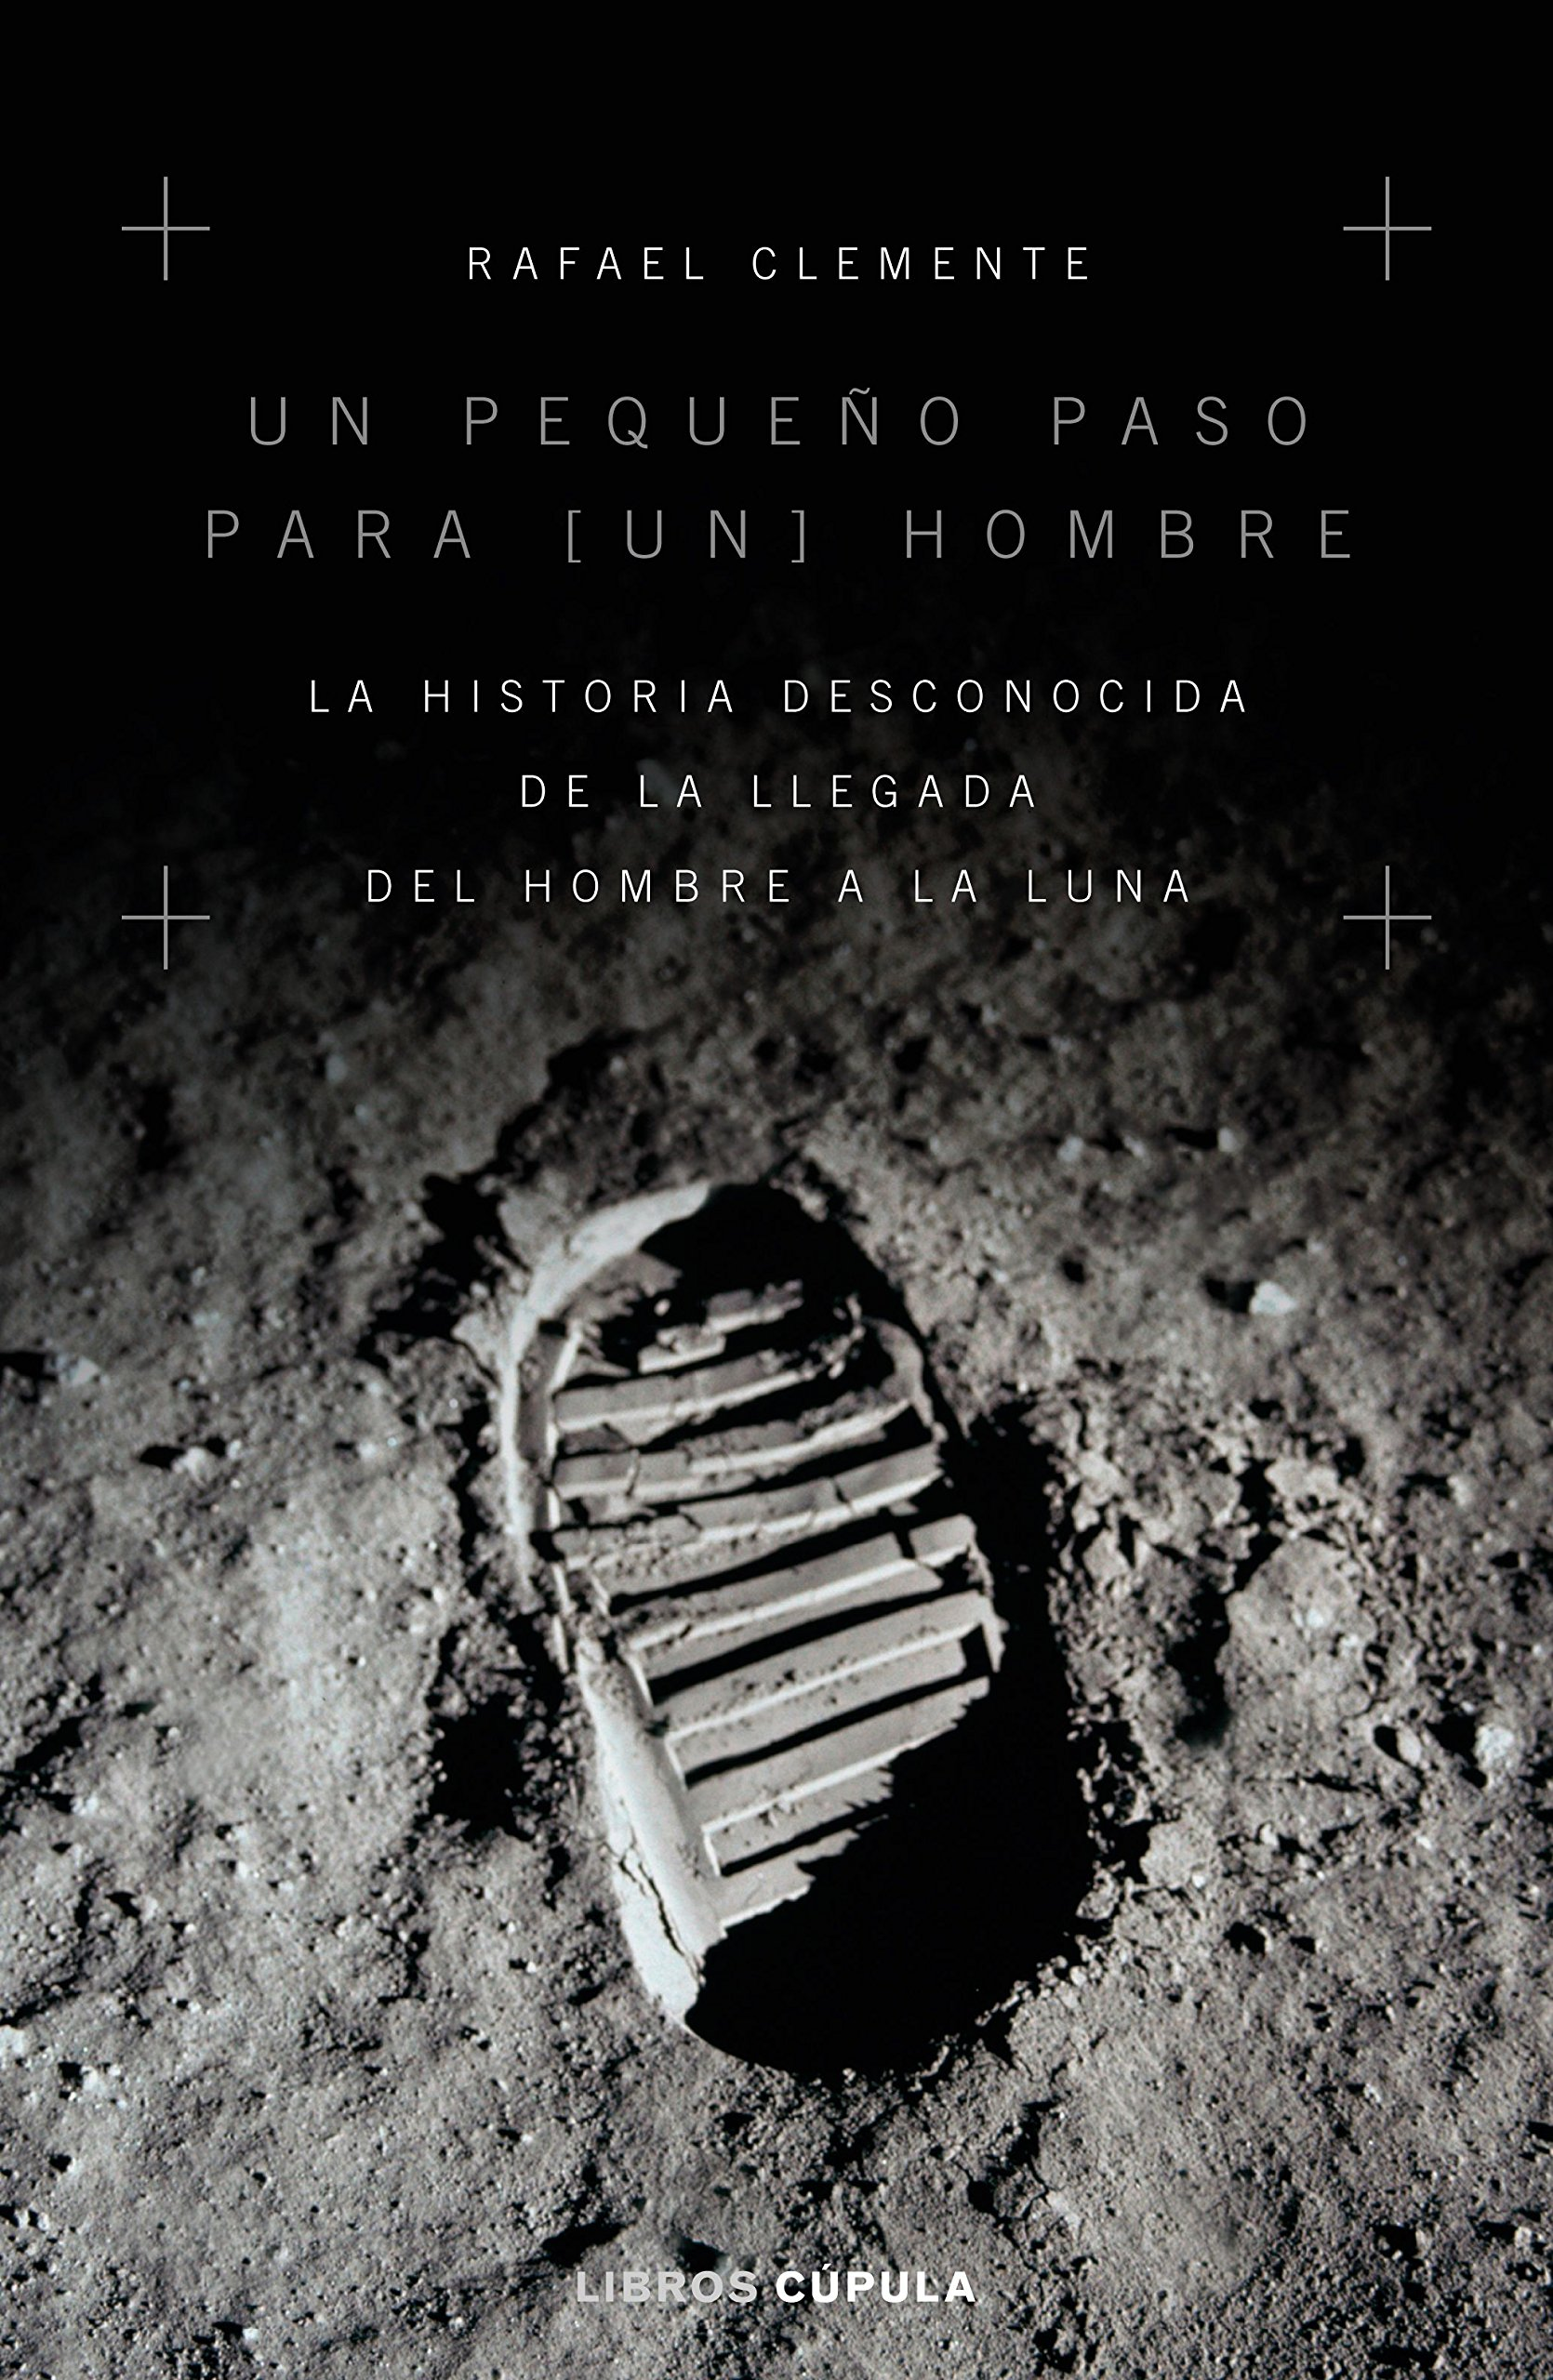 Un pequeño paso para un hombre: La historia desconocida de la llegada del hombre a la luna: 4 Hobbies: Amazon.es: Clemente, Rafael: Libros